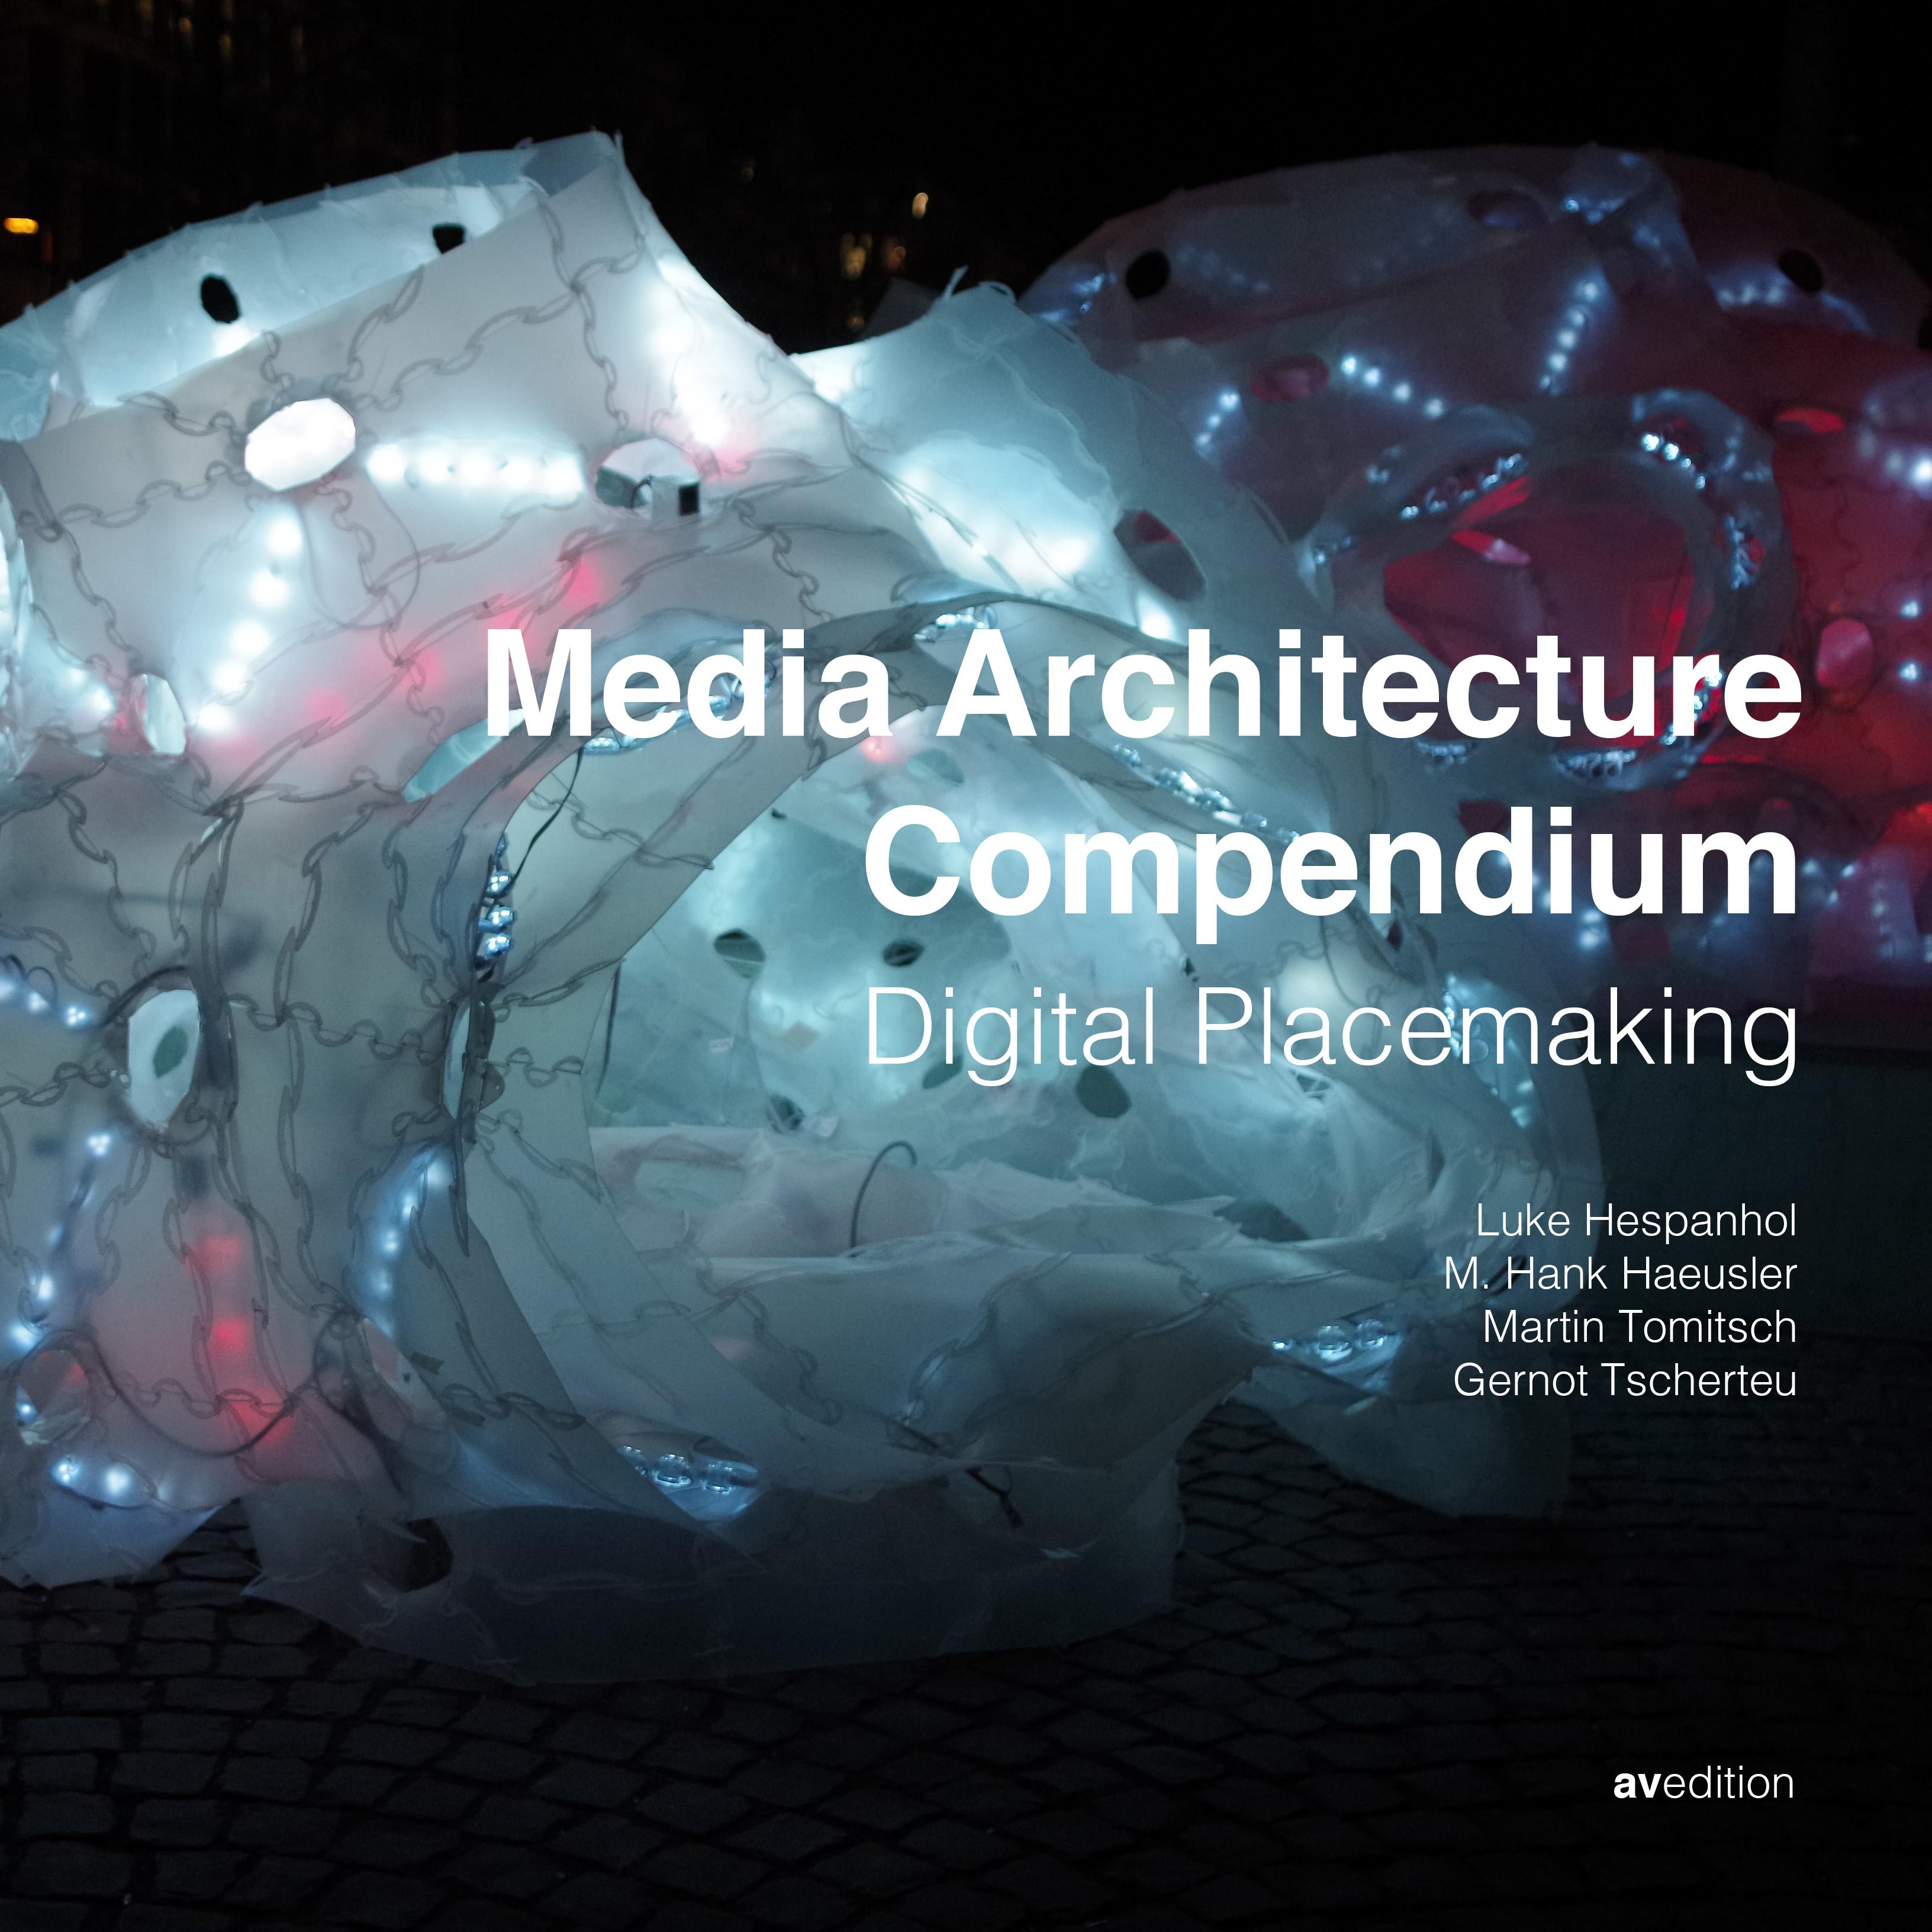 Media Architecture Compendium – Digital Placemaking